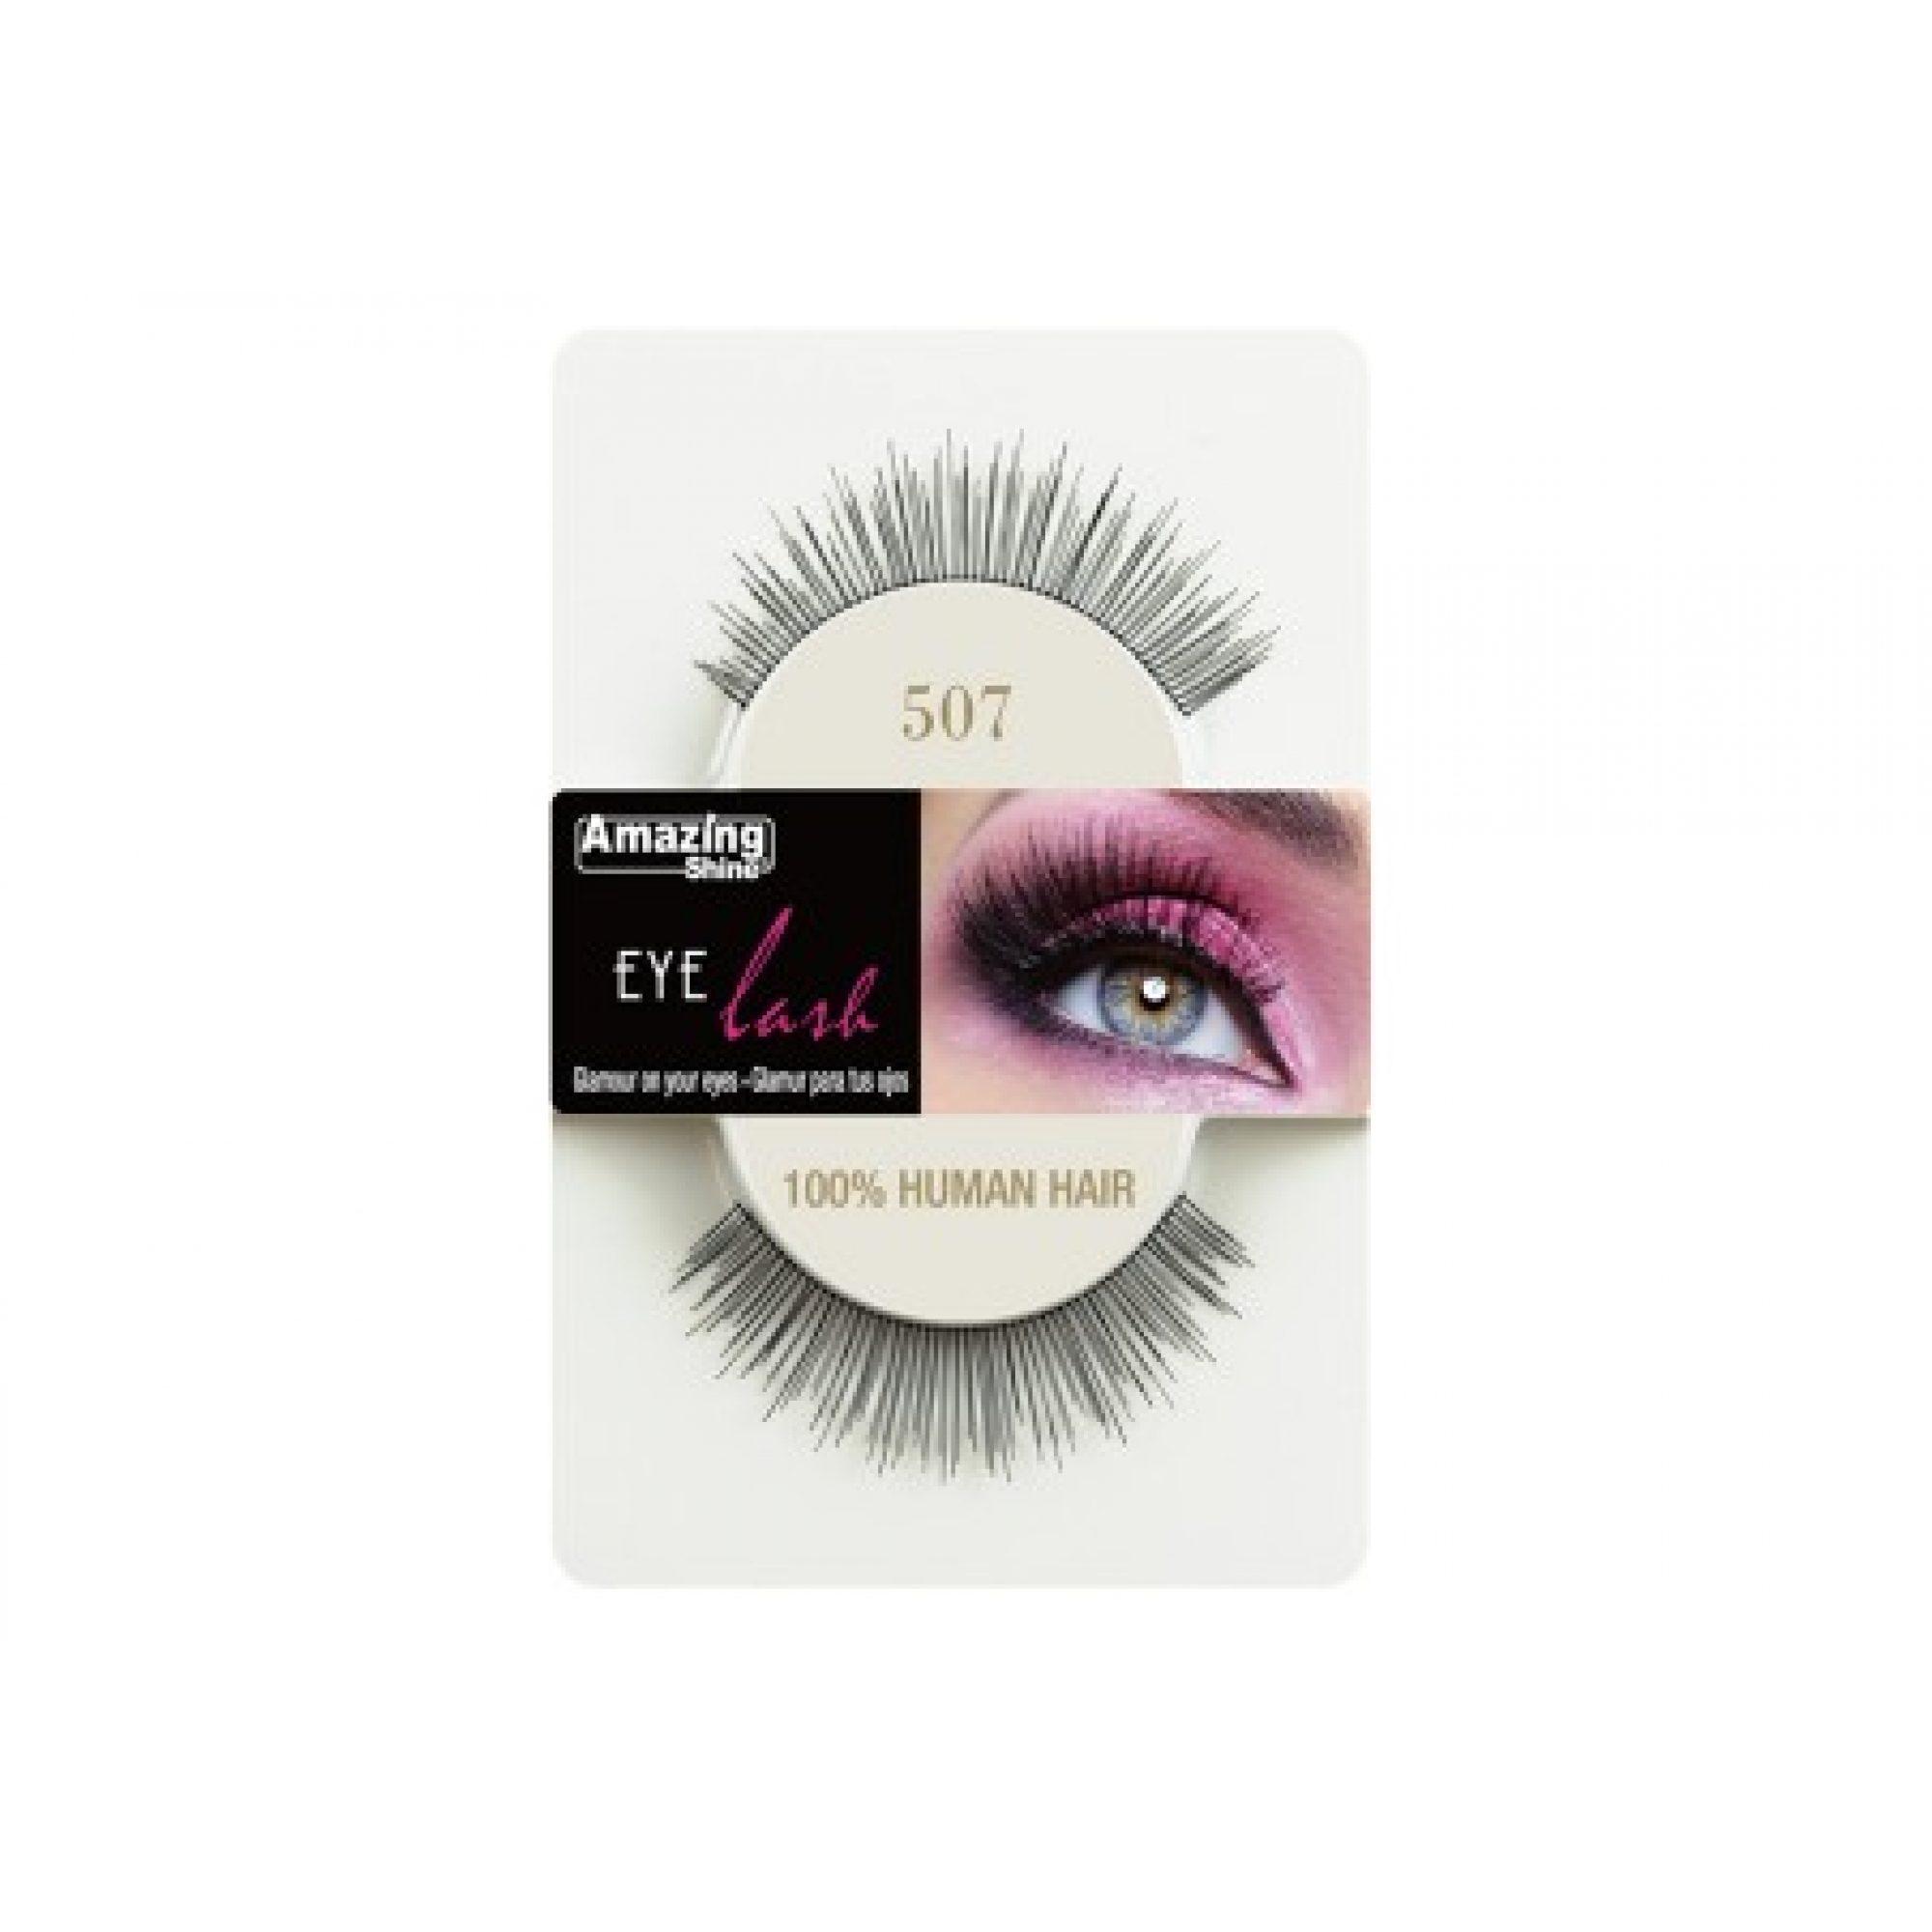 Amazing Shine Eyelashes 507